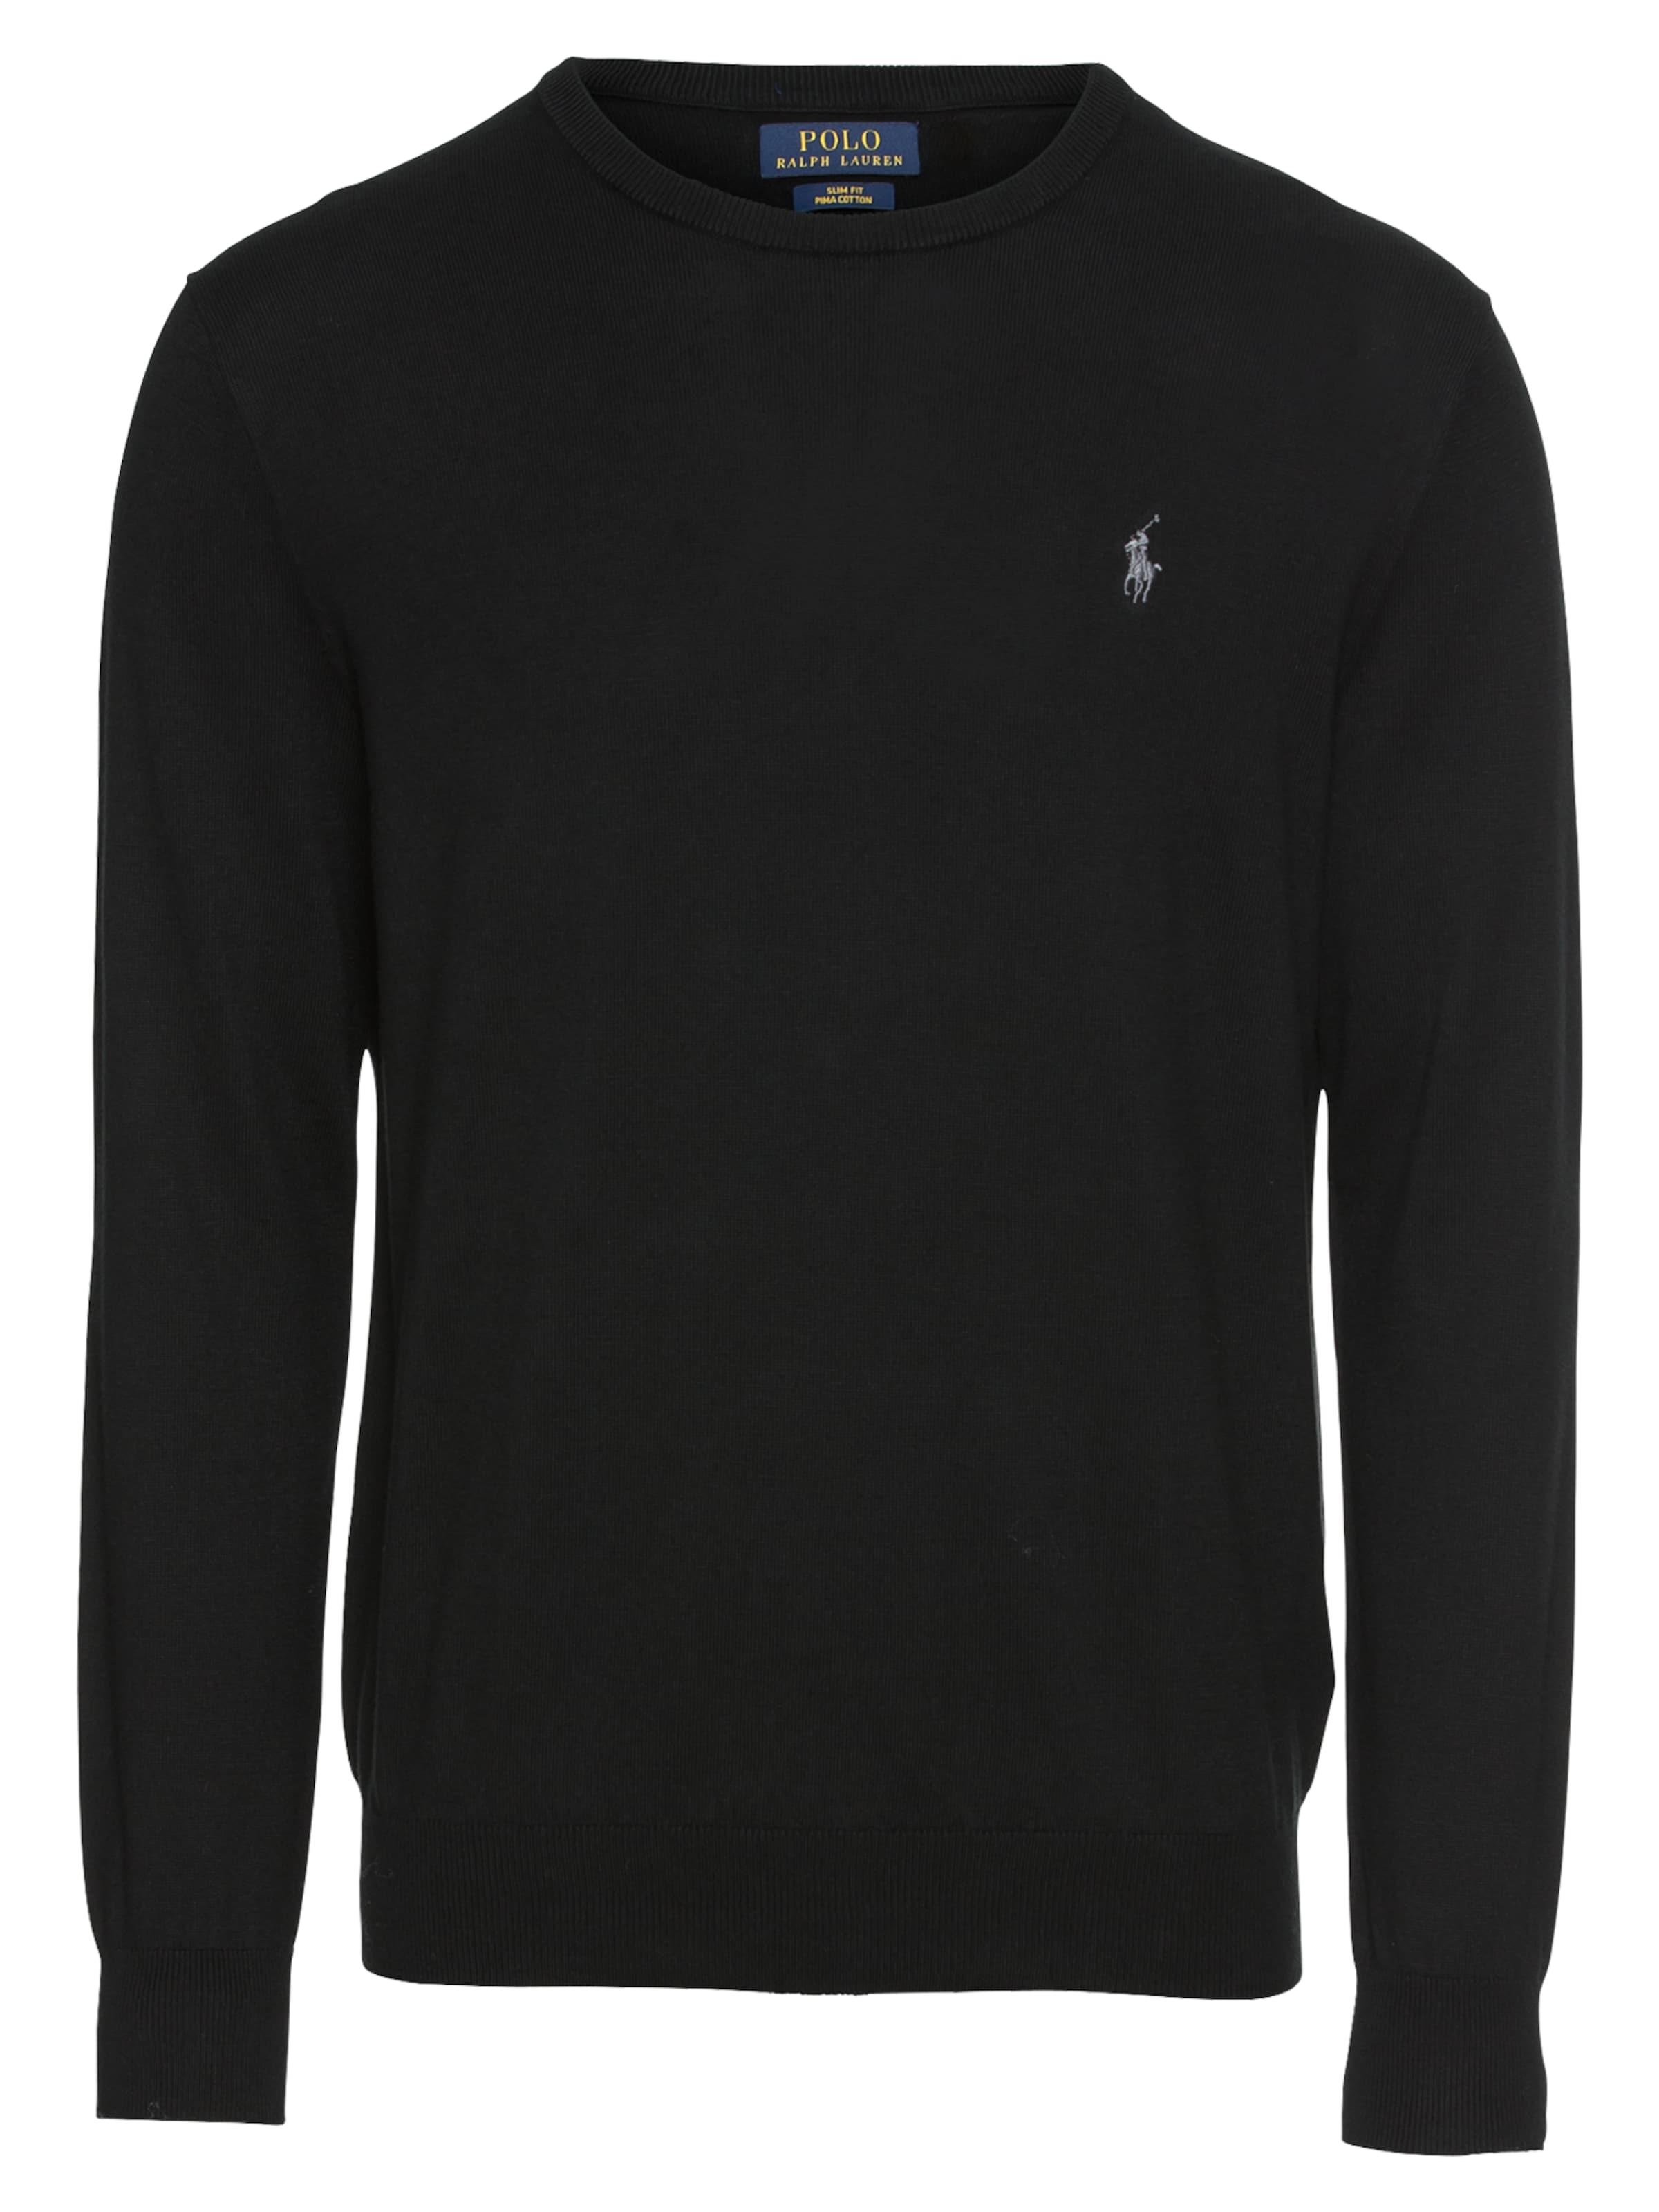 sweater' In Sf long Pullover 'ls Cn Schwarz Polo Sleeve Ralph Lauren Pp yN8nP0vwOm